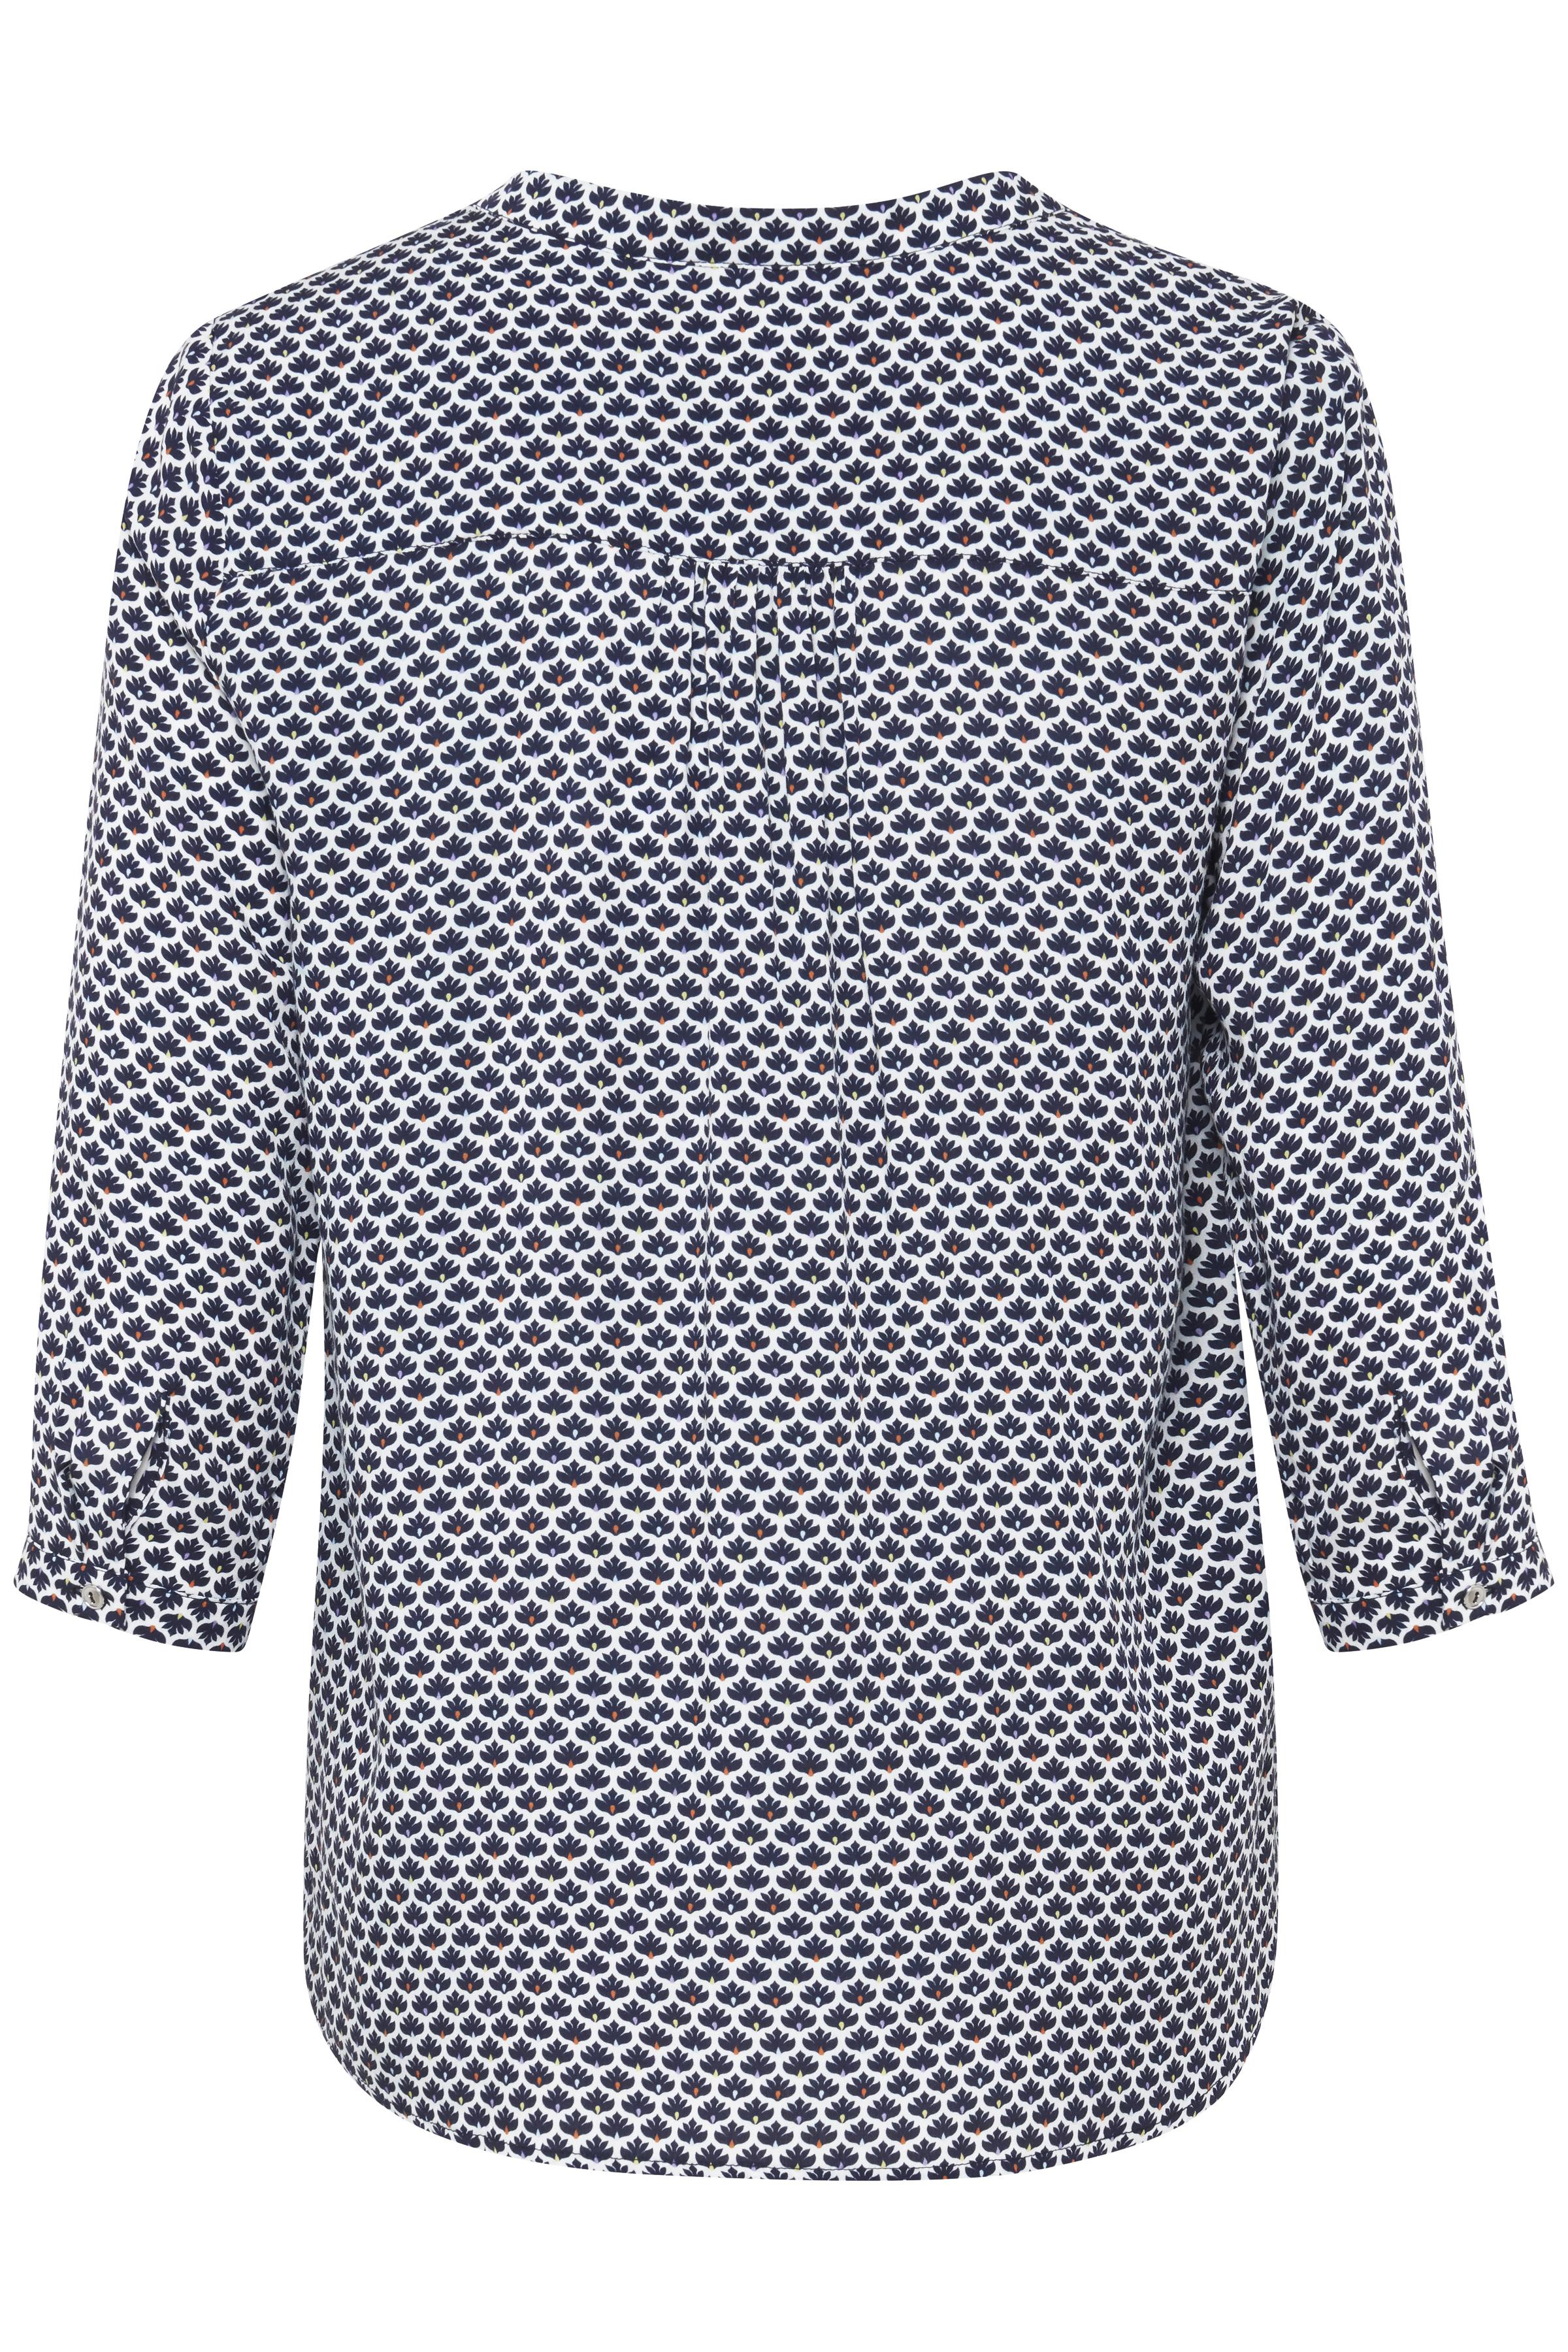 Weiss/marineblau Bluse von Fransa – Shoppen SieWeiss/marineblau Bluse ab Gr. XS-XXL hier